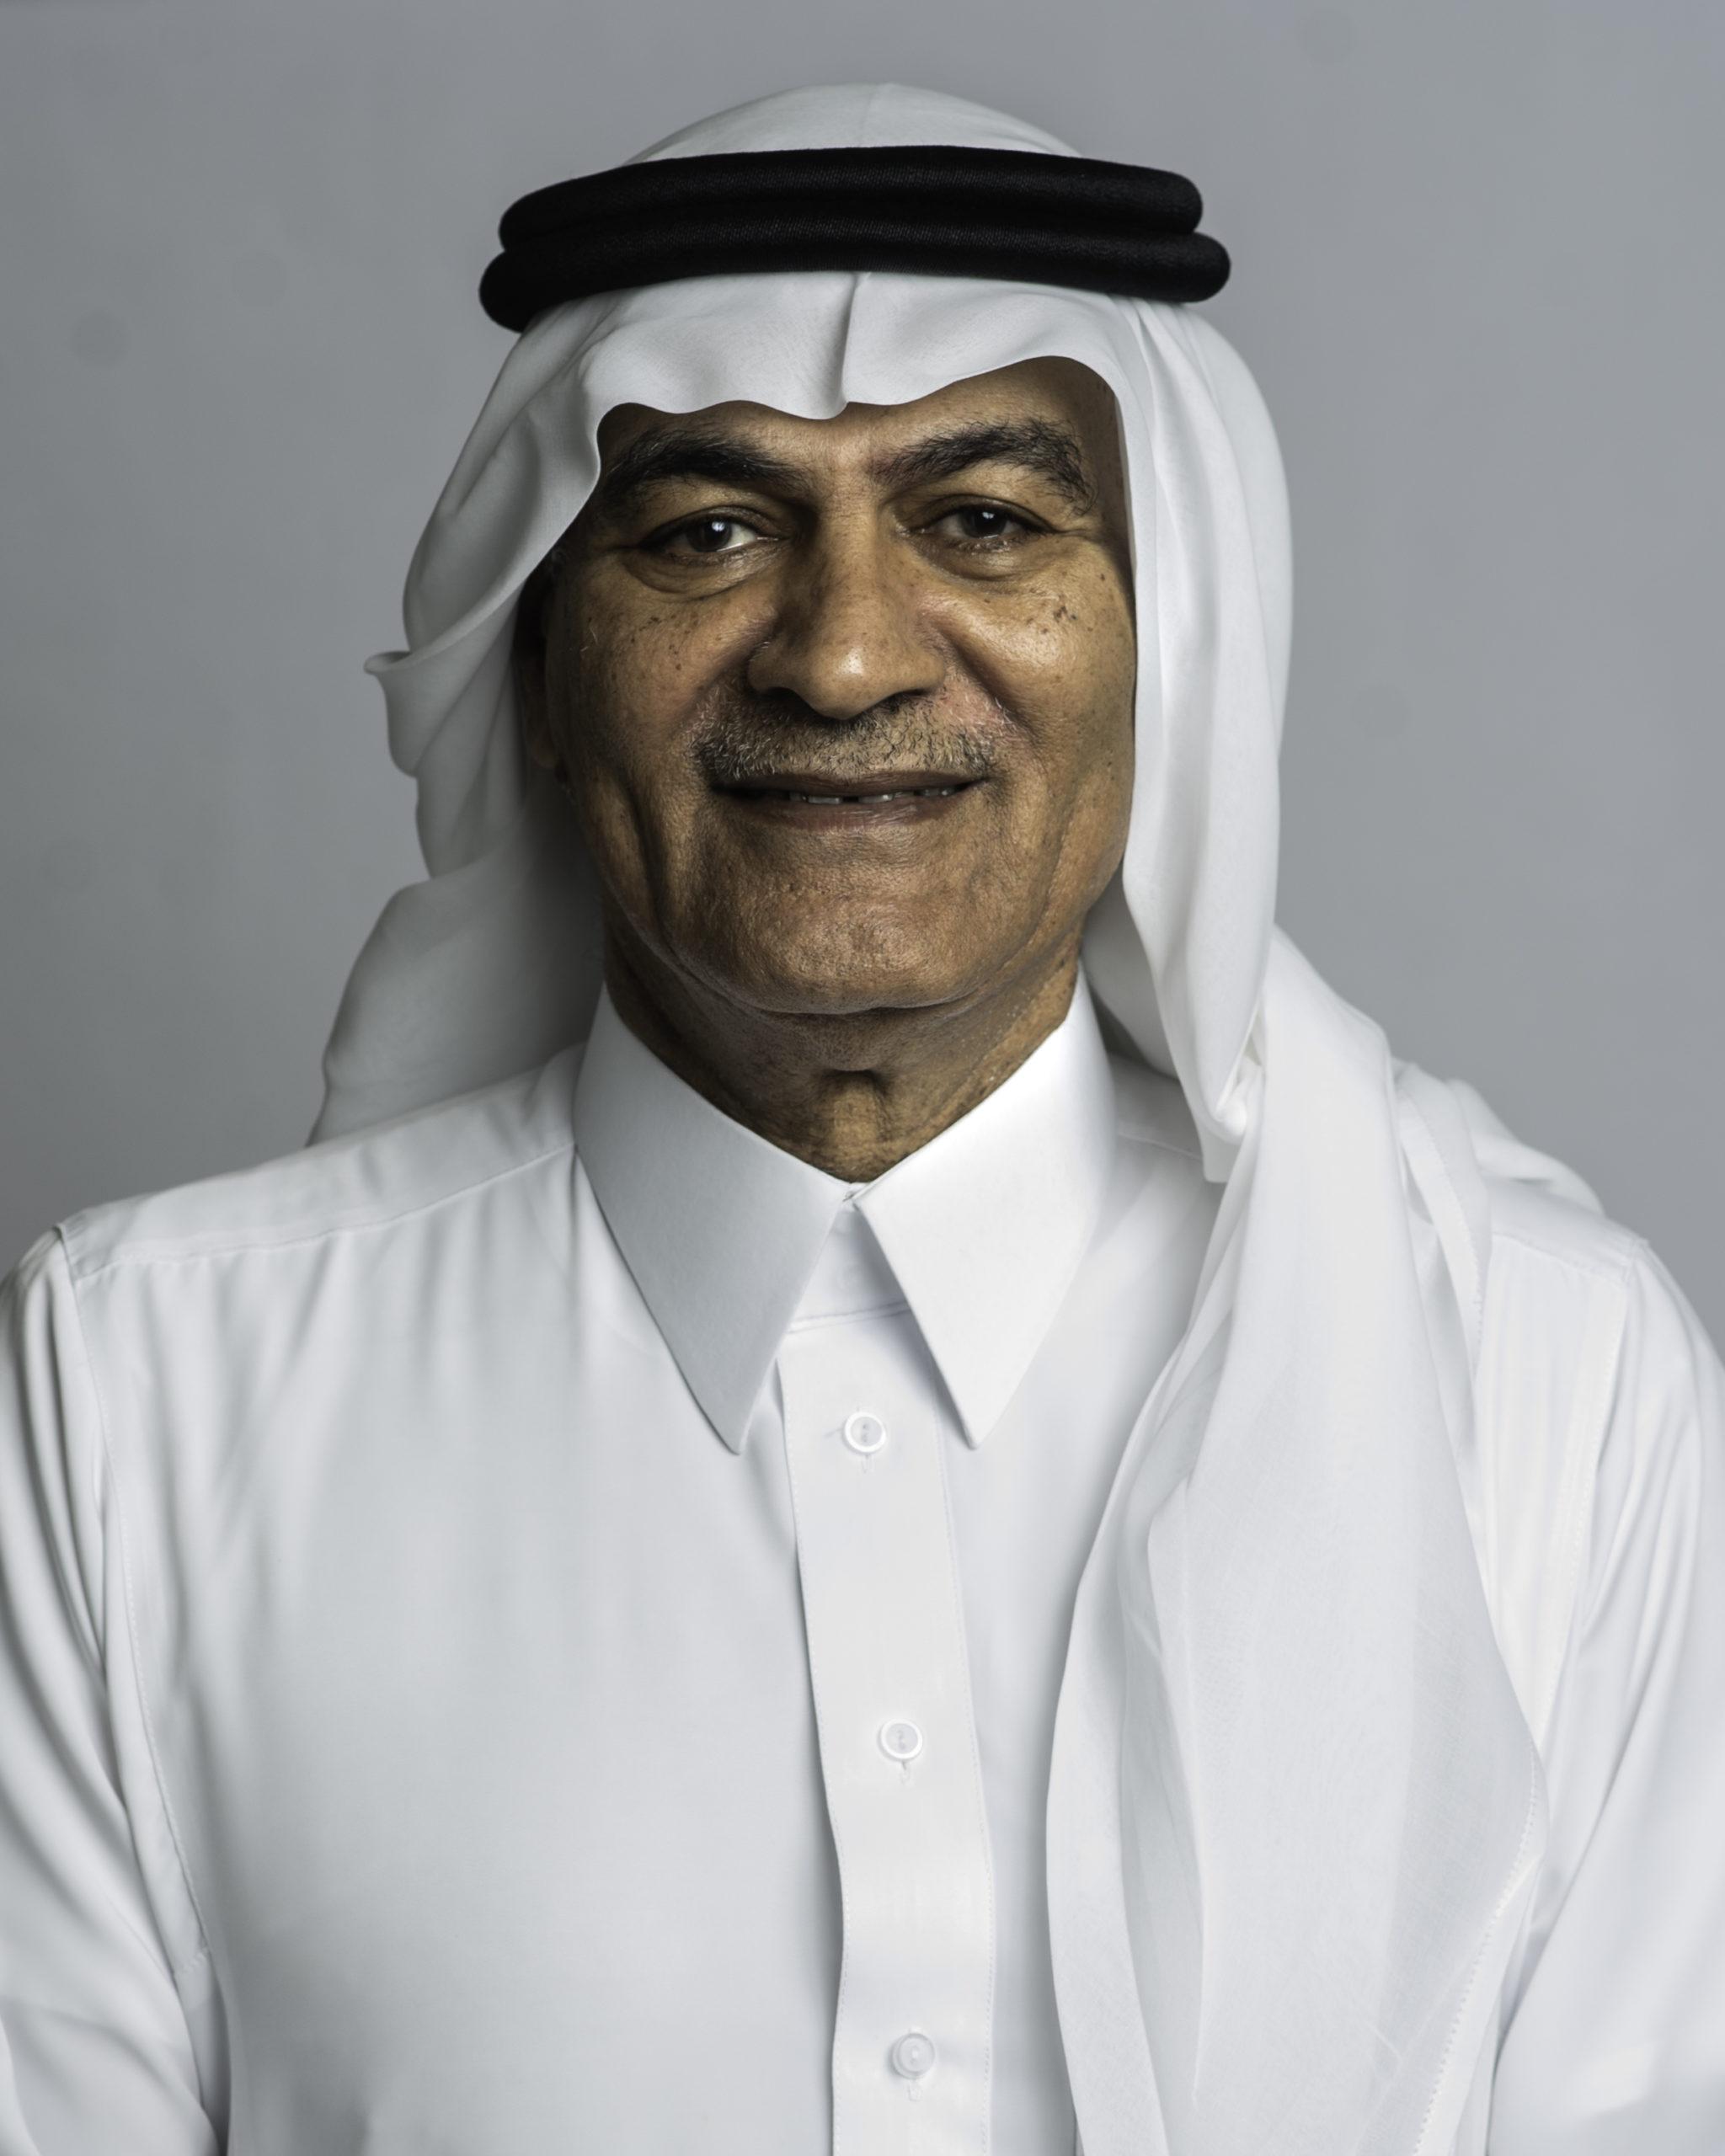 HE Eng. Abdullah Mohammed Nour Rehaimi